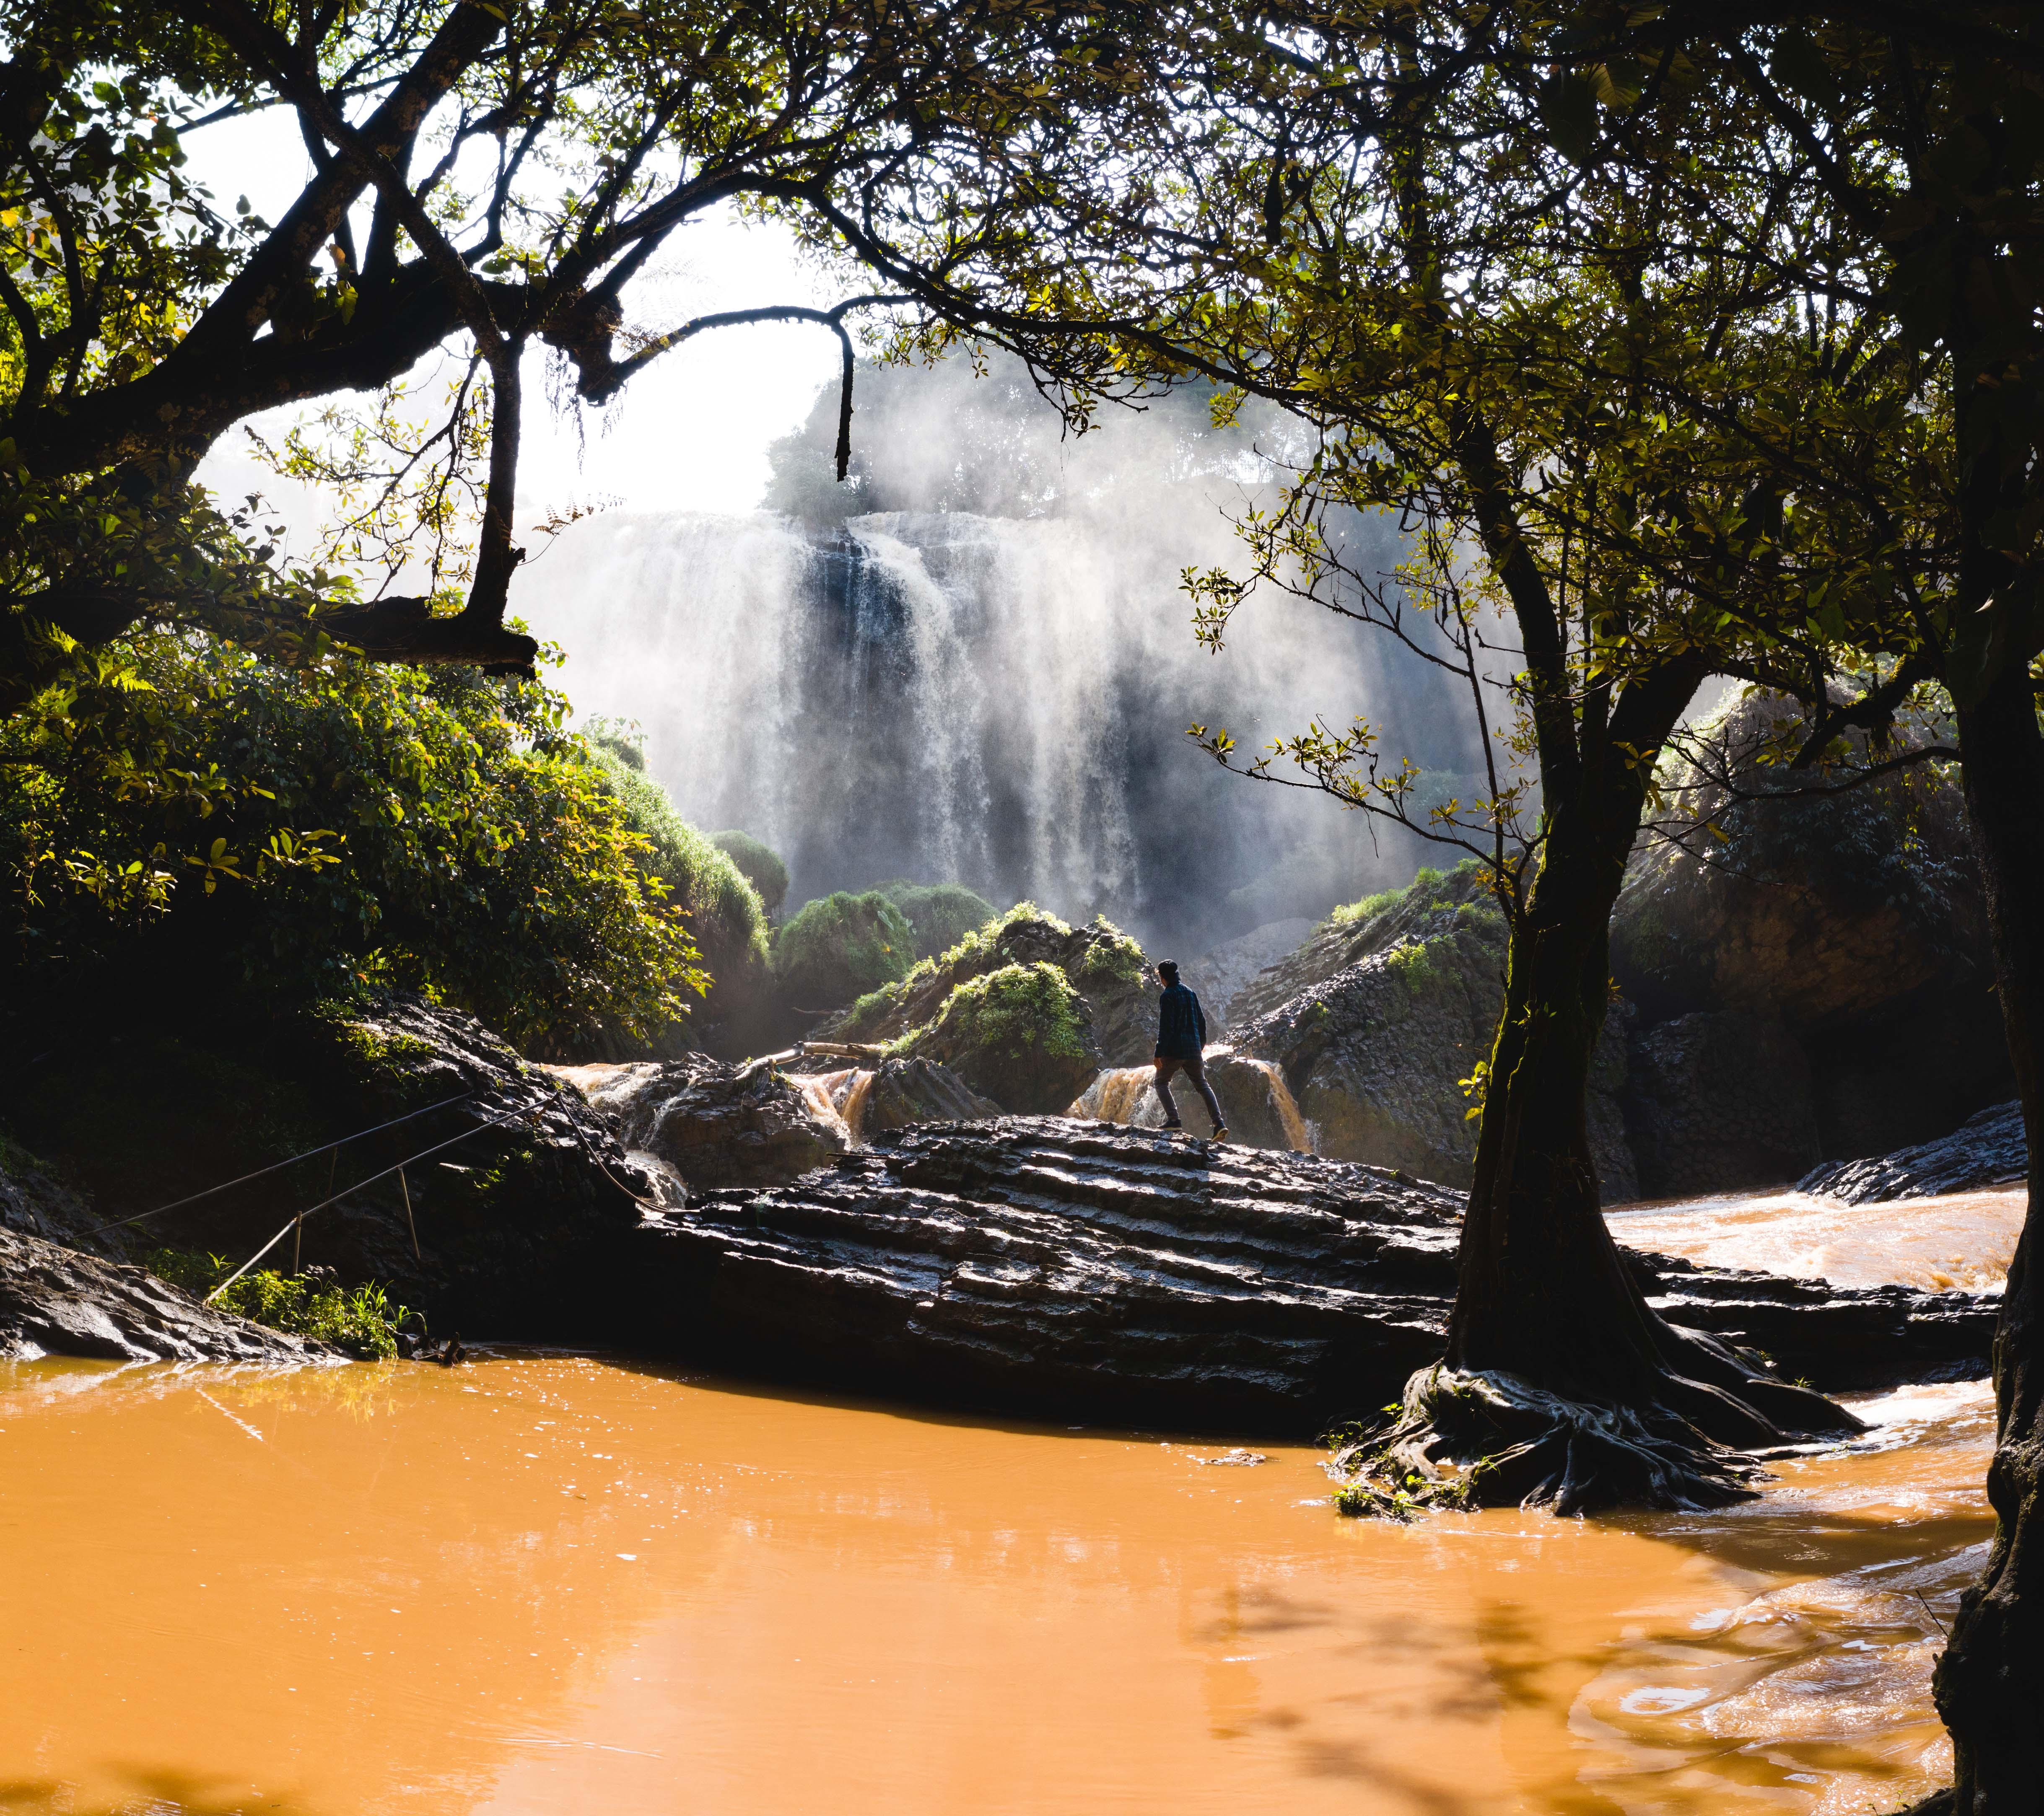 Sloní vodopád